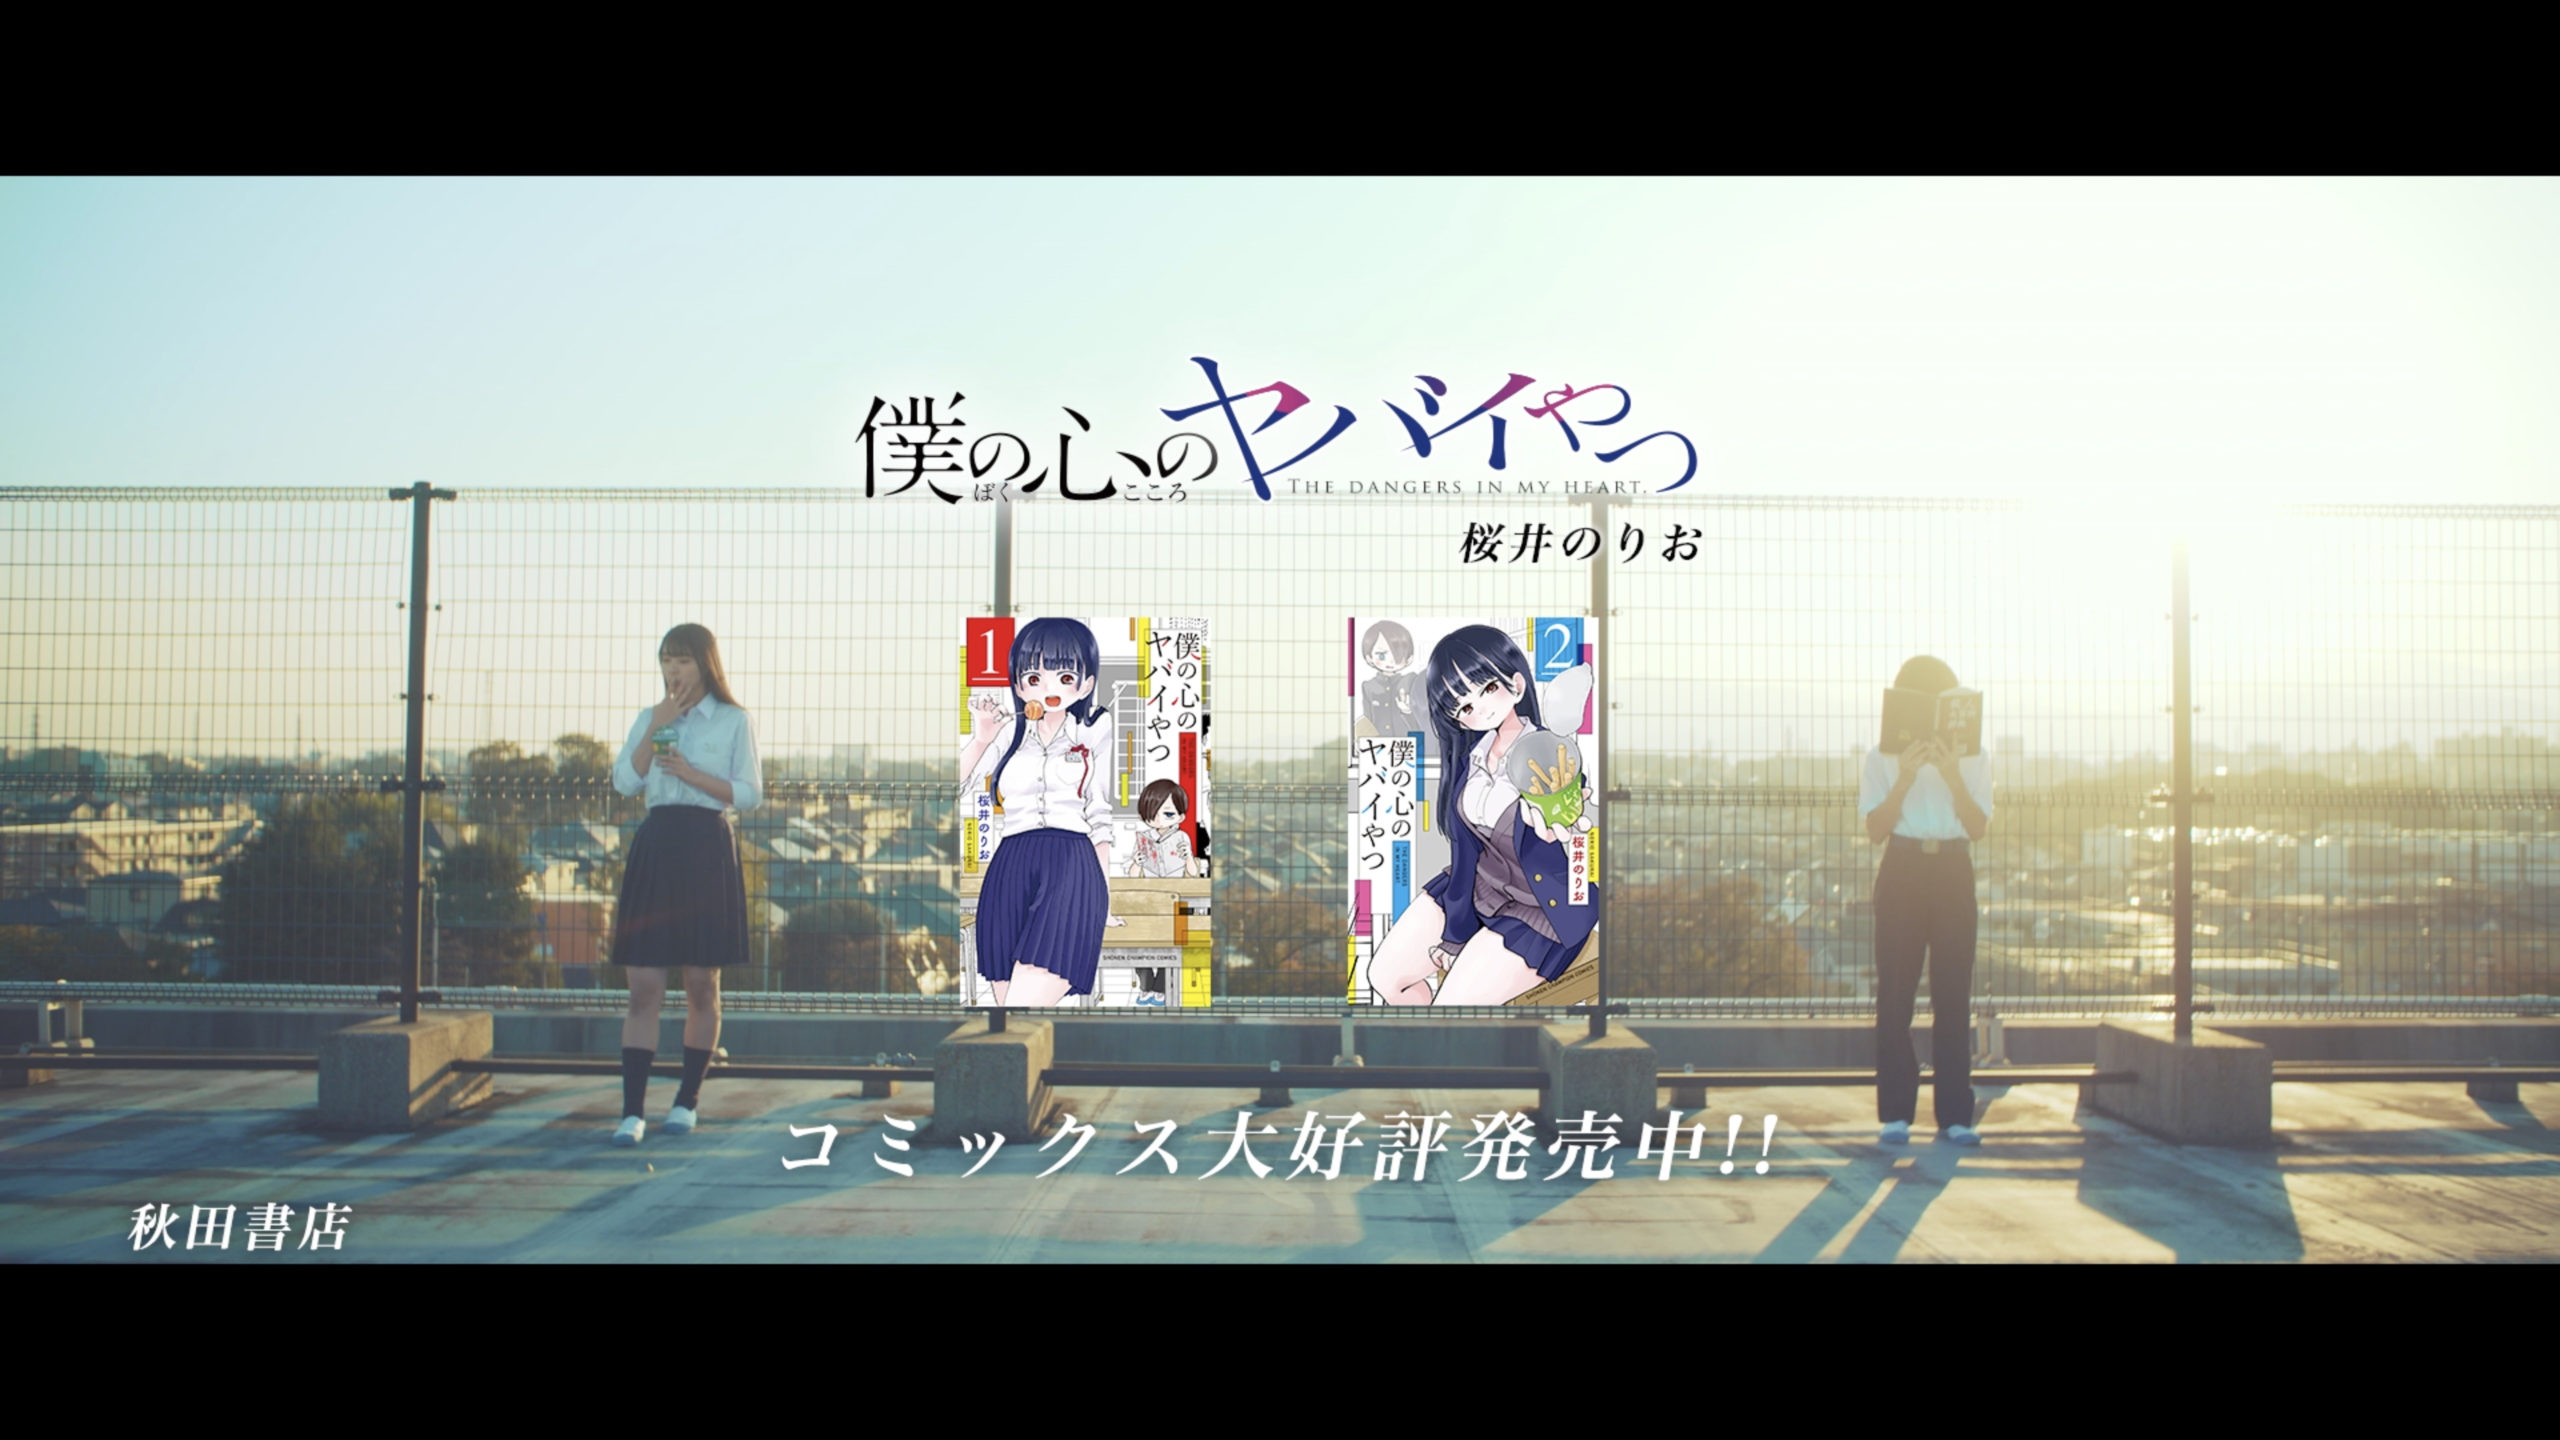 「僕の心のヤバイやつ」実写PV/シングメディア制作_09